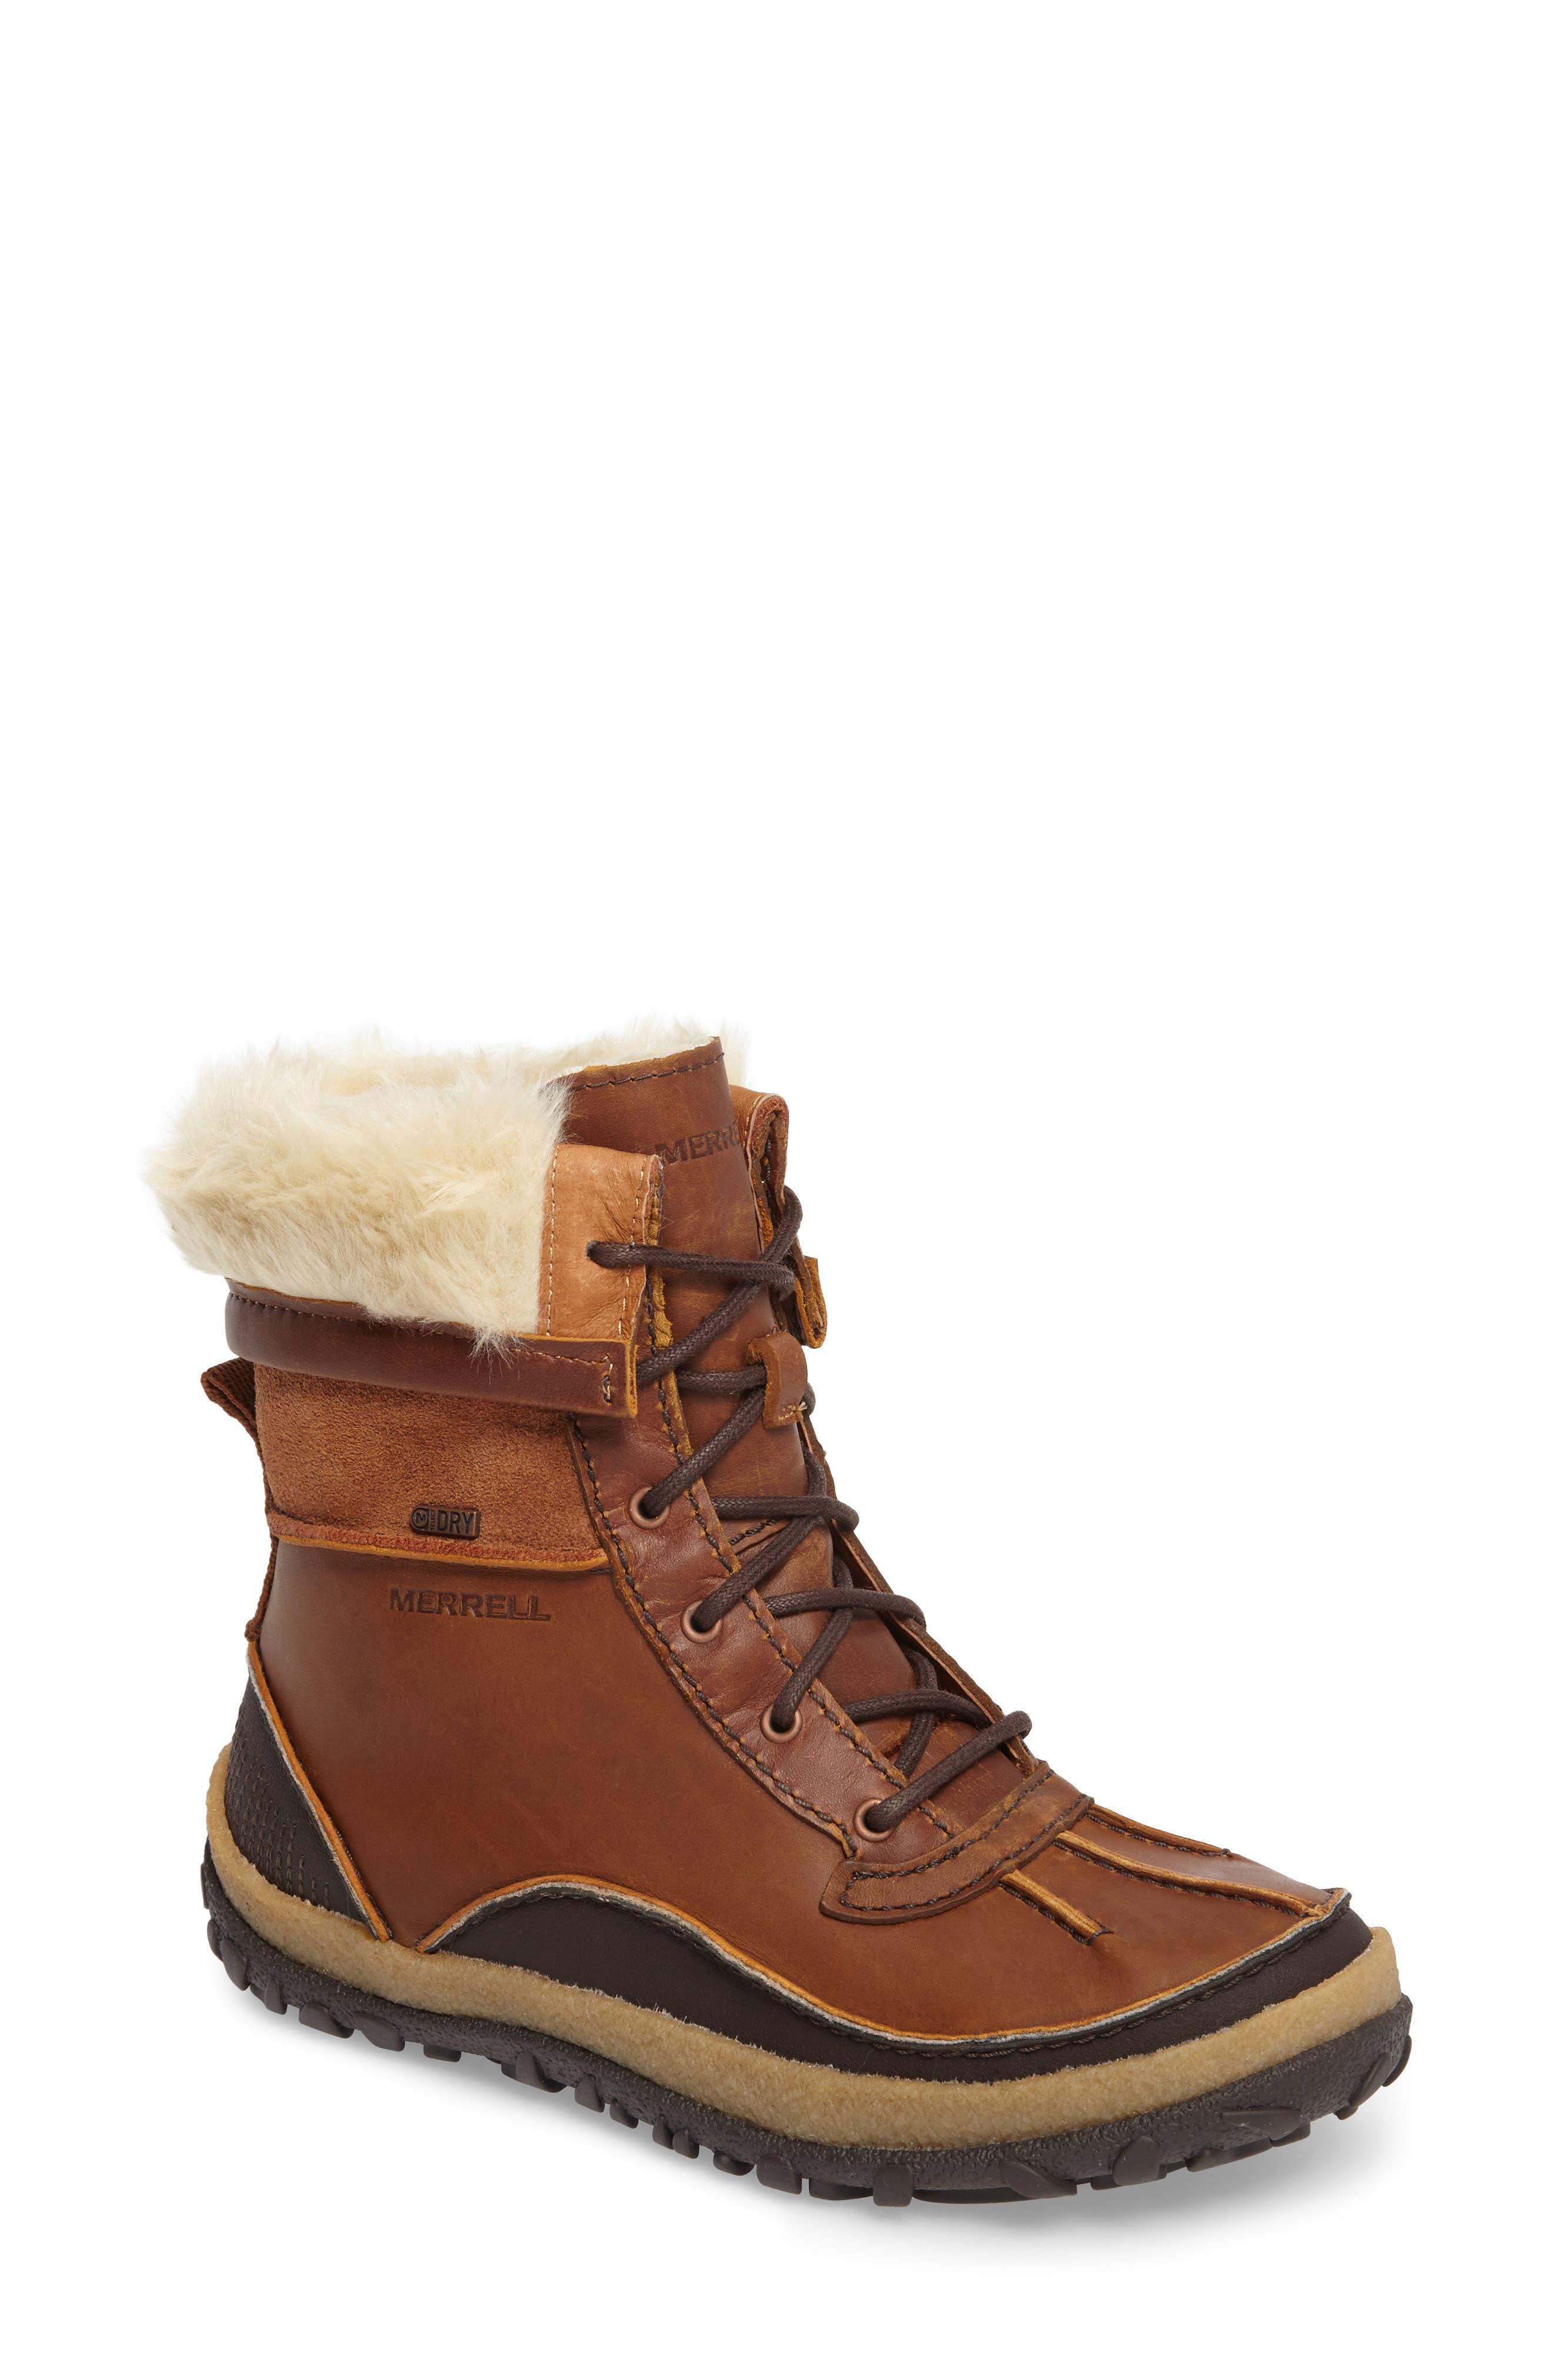 Main Image - Merrell Tremblant Insulated Waterproof Boot (Women)